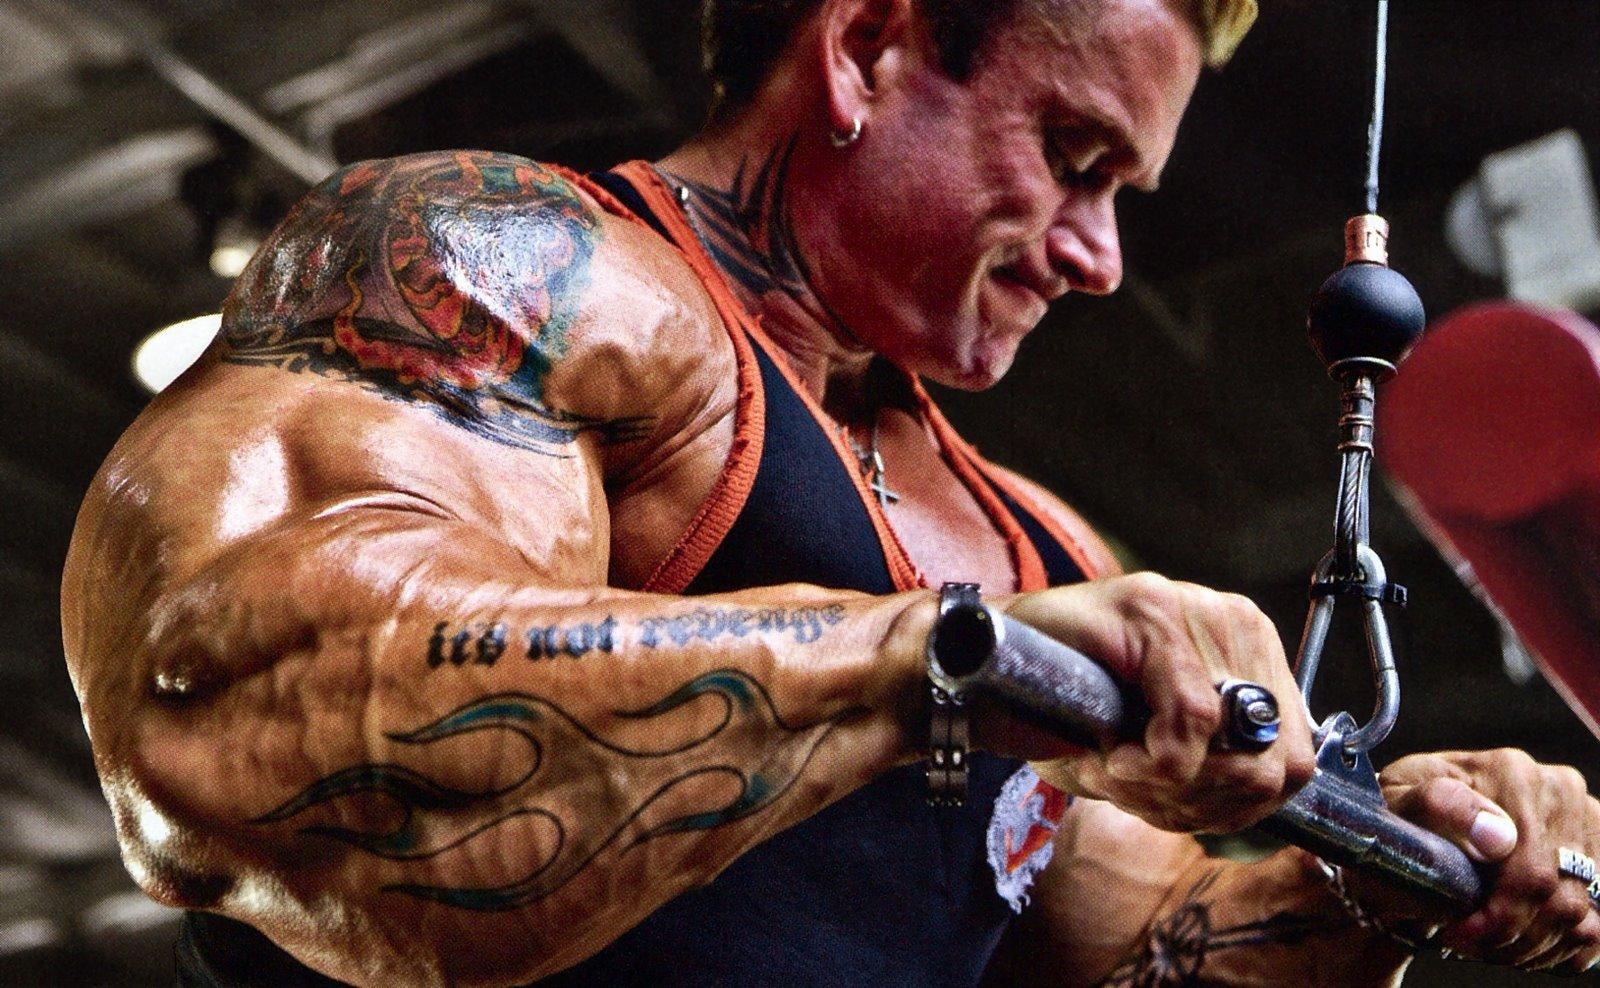 bodybuilding-forum.jpg